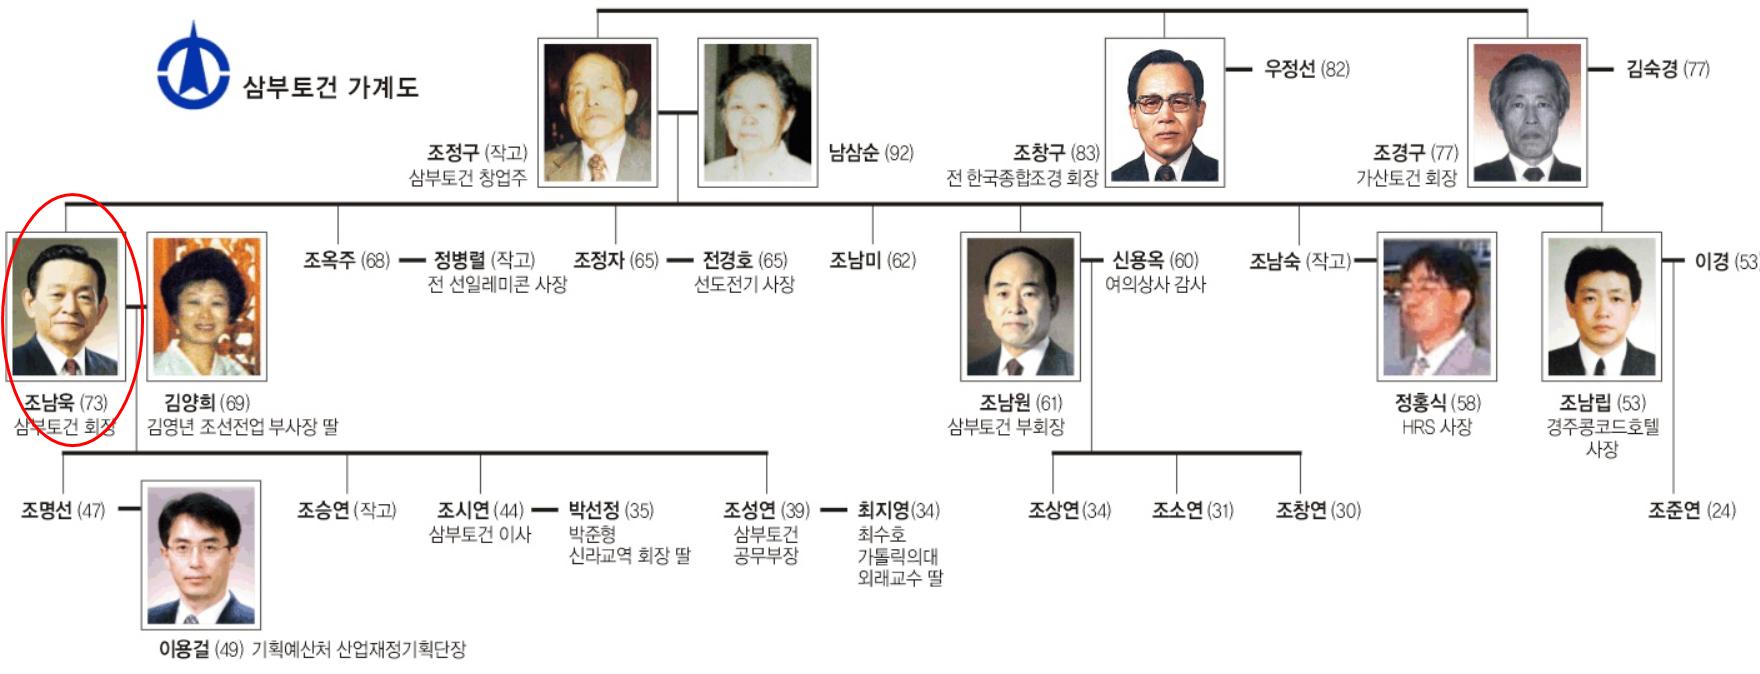 윤석열 부인 김건희 충격적인 과거 김명신 시절(+쥴리 양재택 나이 재산 자녀 집안 대학)